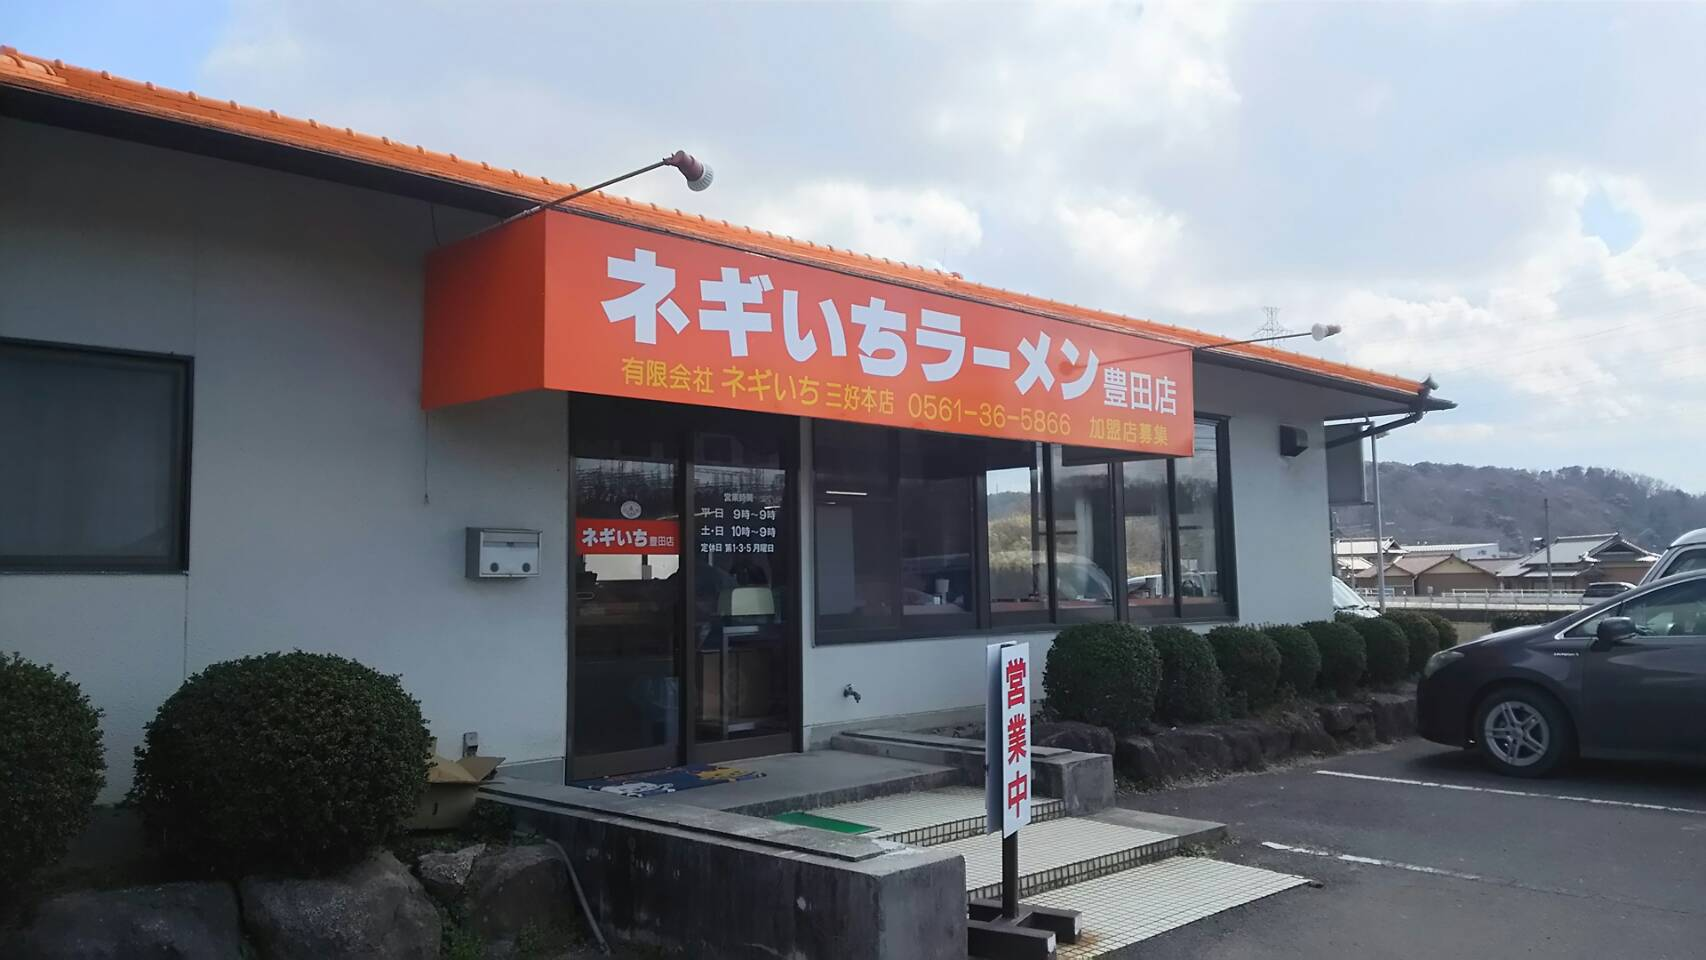 【レビュー】豊田市篠原町 ネギいちラーメン豊田店 に行ってきた